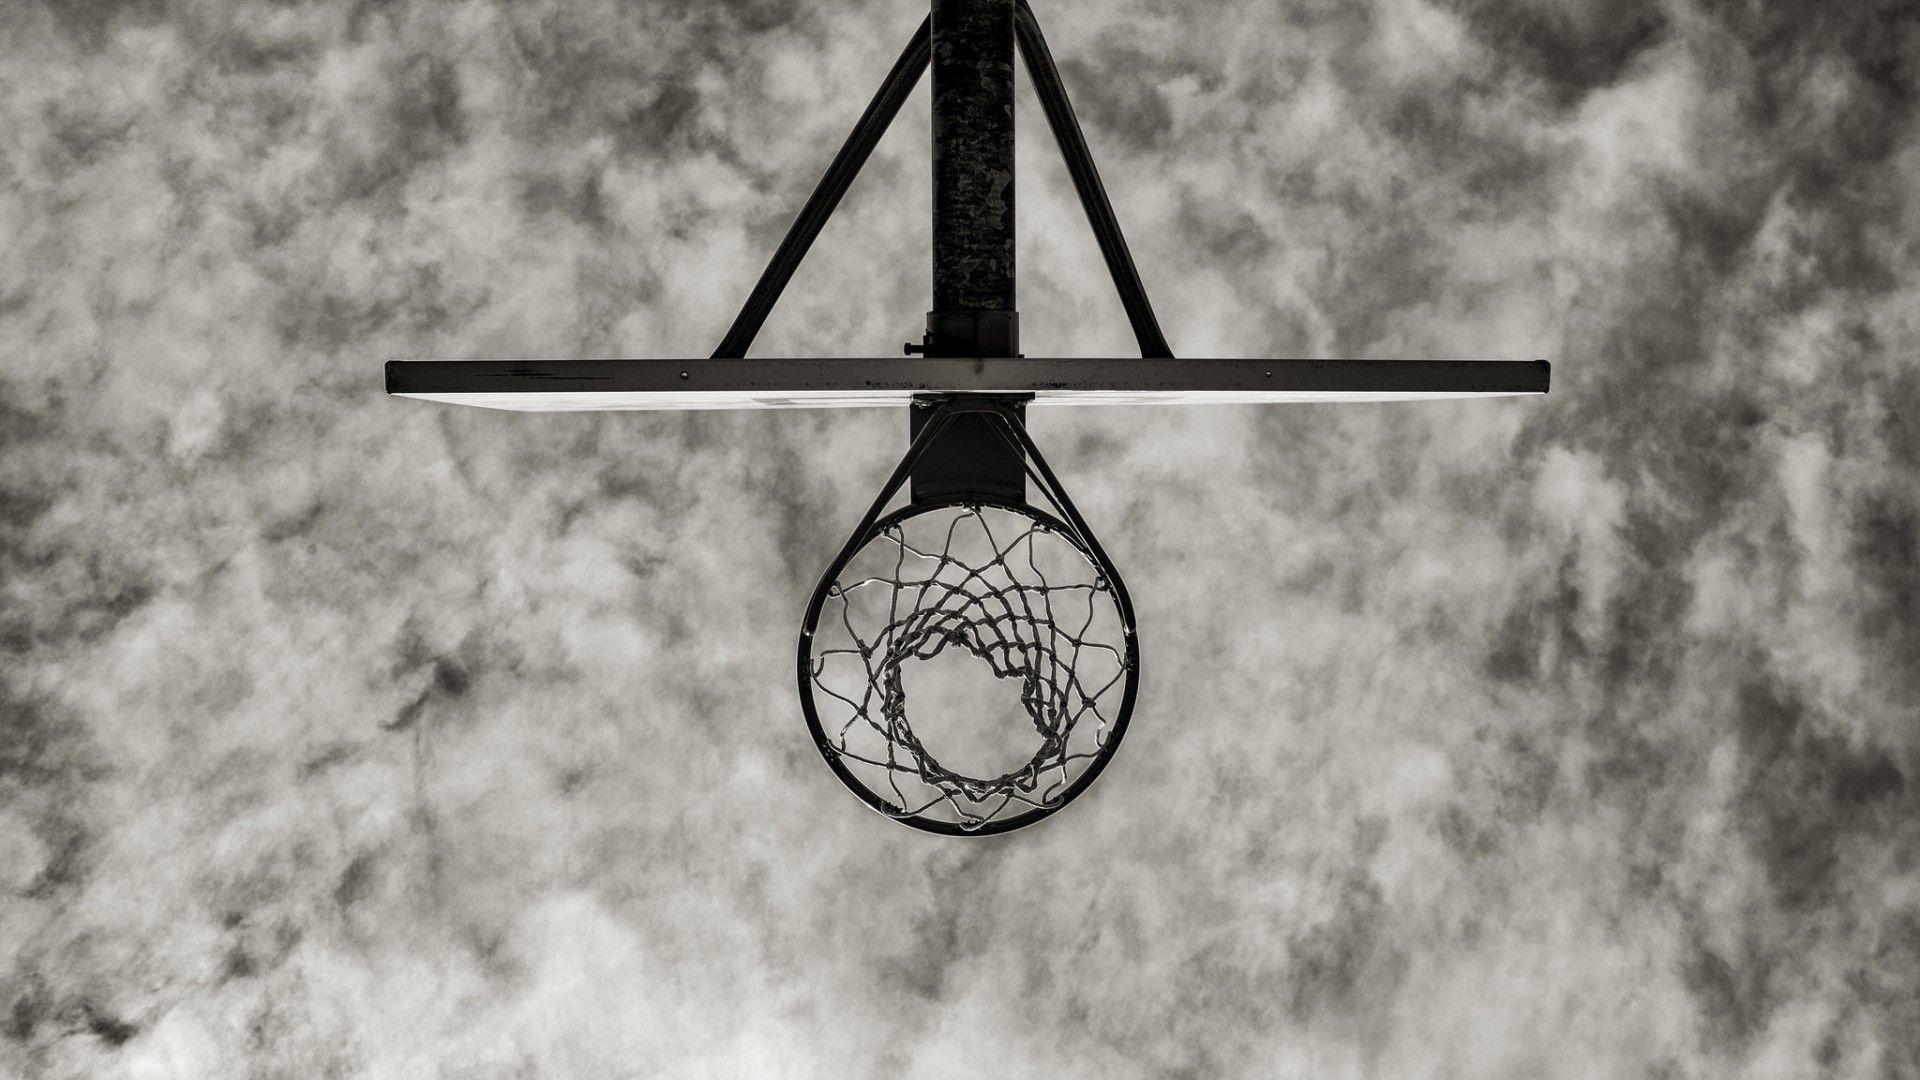 Nba Wallpaper Desktop Basketball Wallpapers 1920x1080 Basket Wallpapers 40 Wallpapers Adorable Wallpapers